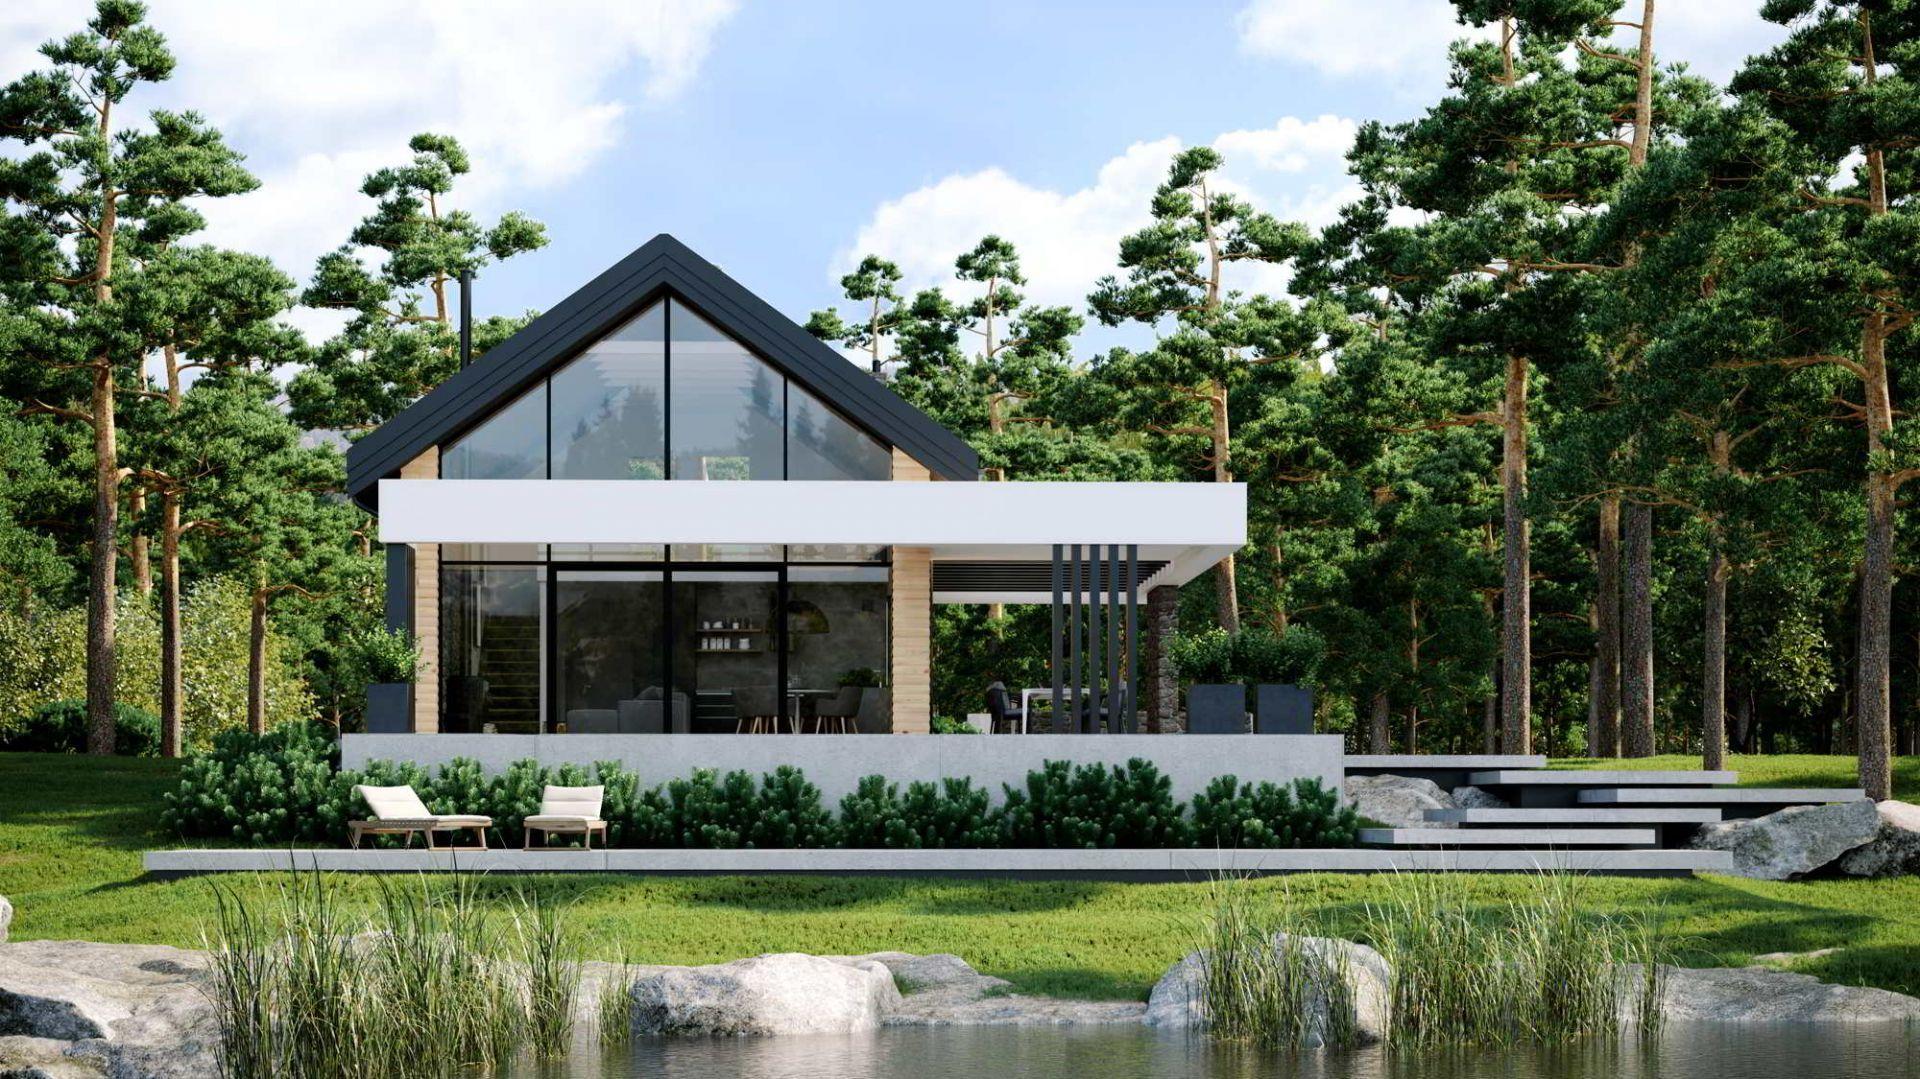 Monochromatyczna kolorystyka elewacji i okien w nowoczesnym budownictwie operuje zazwyczaj na bieli i odcieniach szarości. Dom HomeKONCEPT 66. Projekt i zdjęcia: HomeKONCEPT